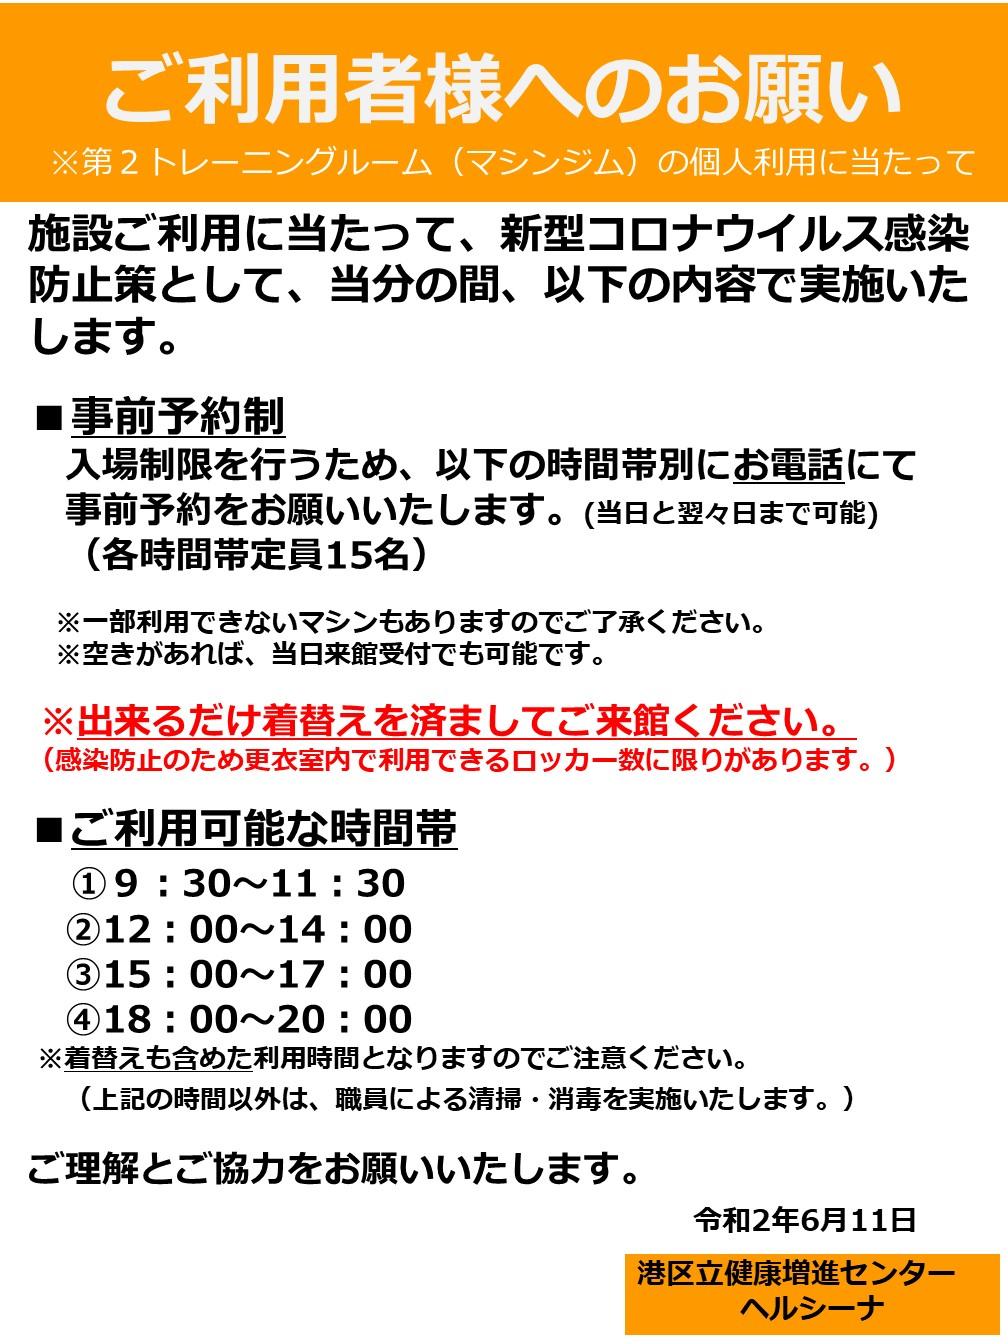 20200611(掲示)(施設)緊急事態宣言解除に伴う施設の再開について(案)(修正有)2.JPG